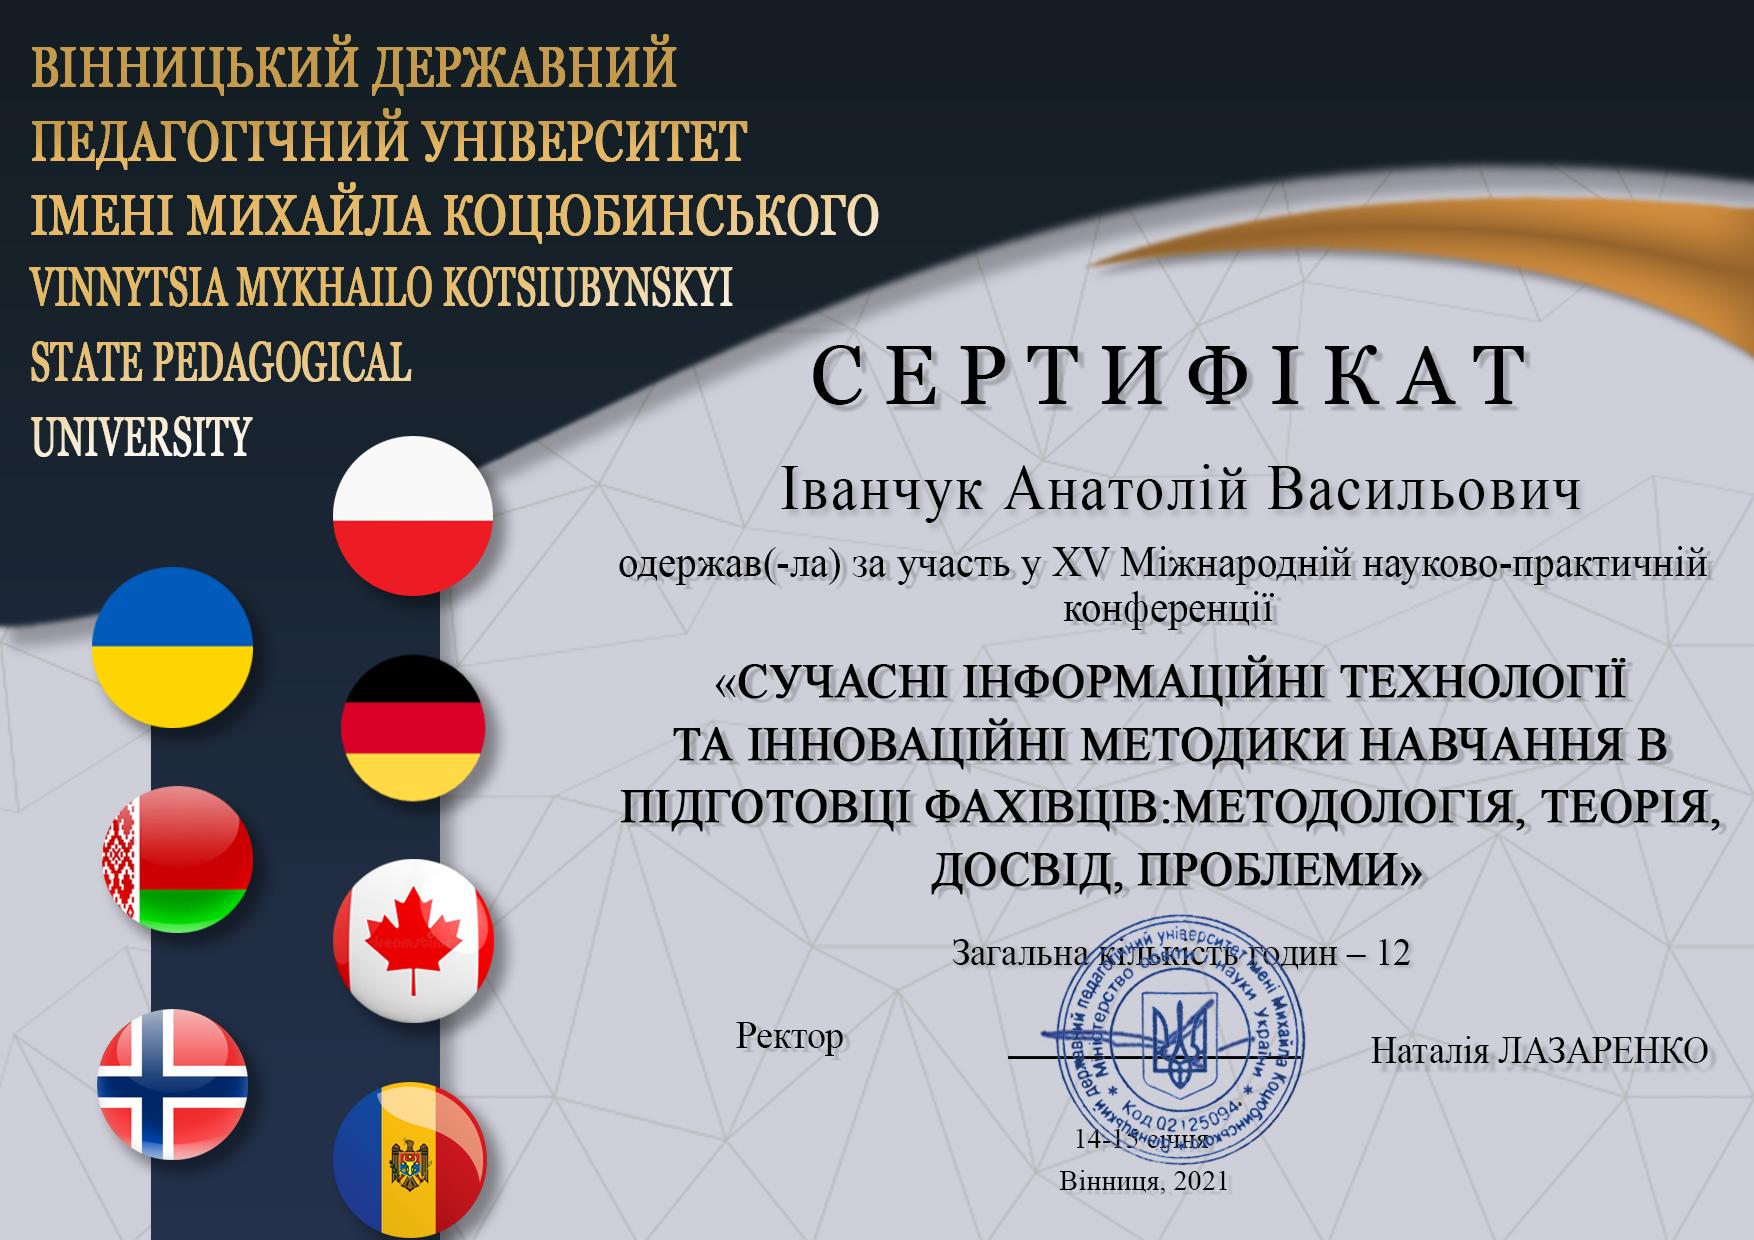 Іванчук Анатолій Васильович